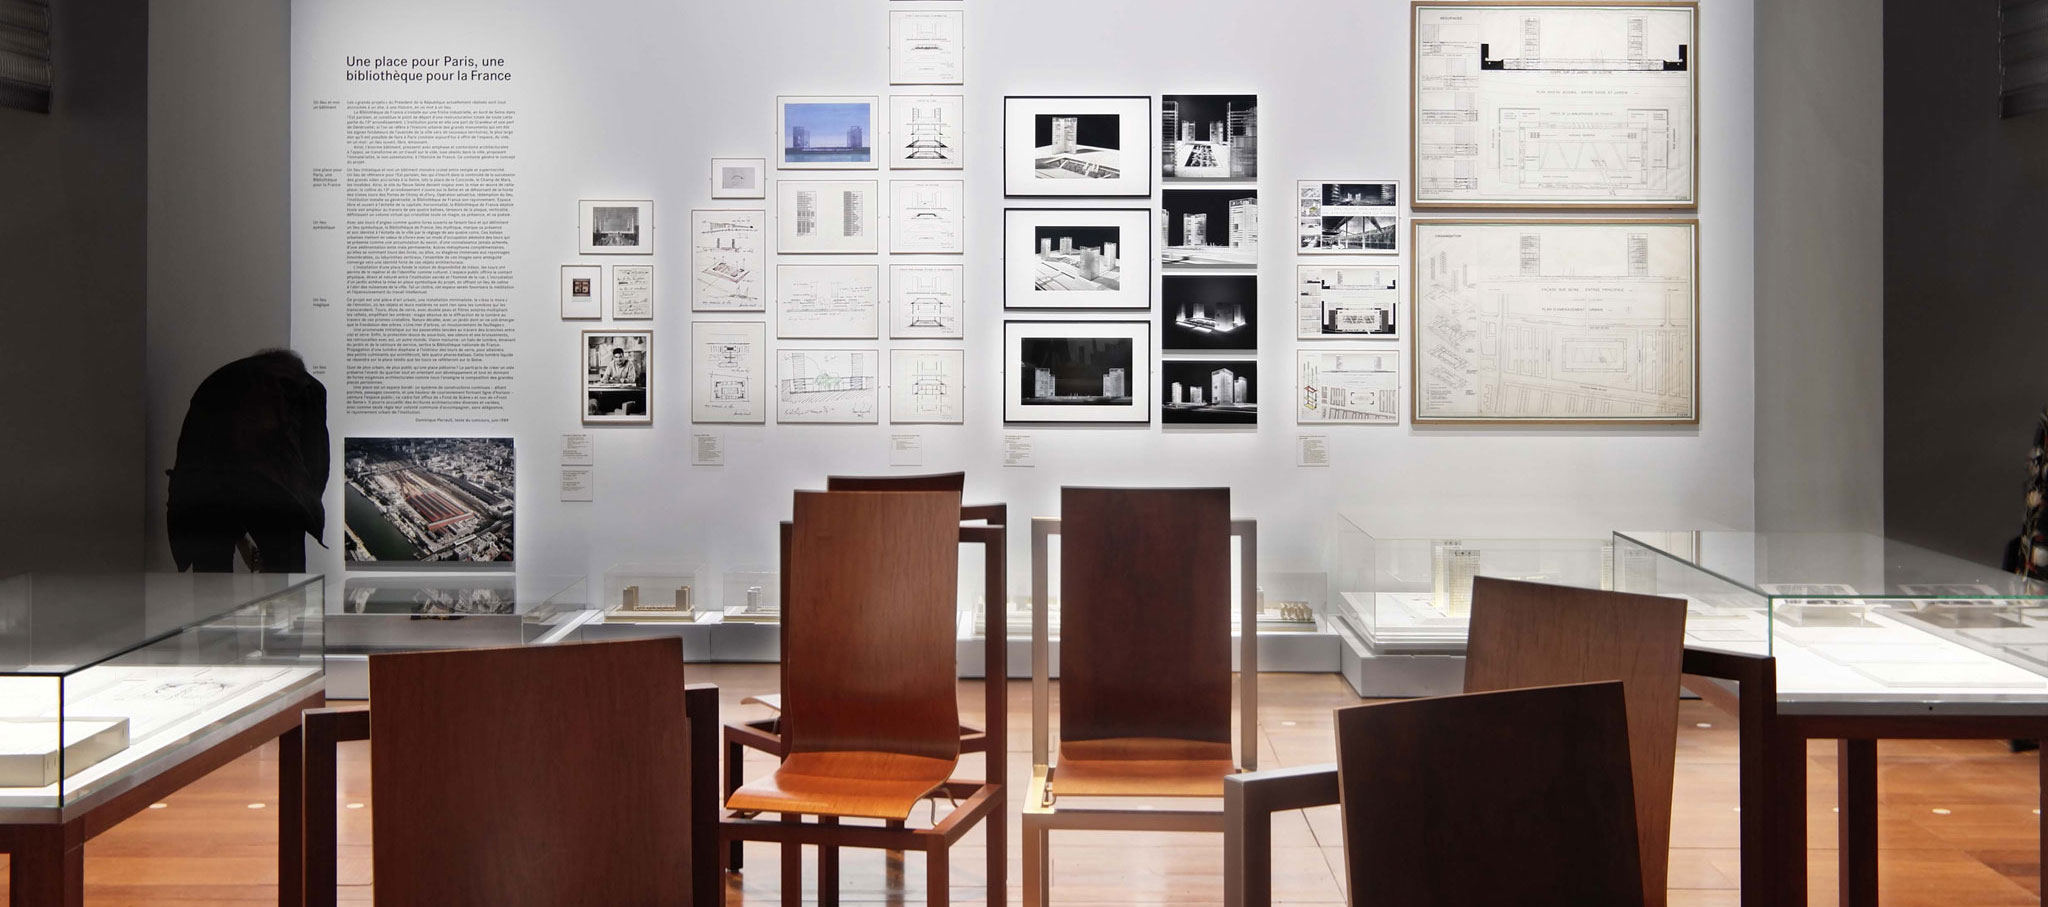 Interior de la exposición. La Bibliothèque nationale de France de Dominique Perrault, Portrait d'un projet 1988 - 1998, exposición en el BnF. © Cortesía de Dominique Perrault Architecte/ADAGP 2018